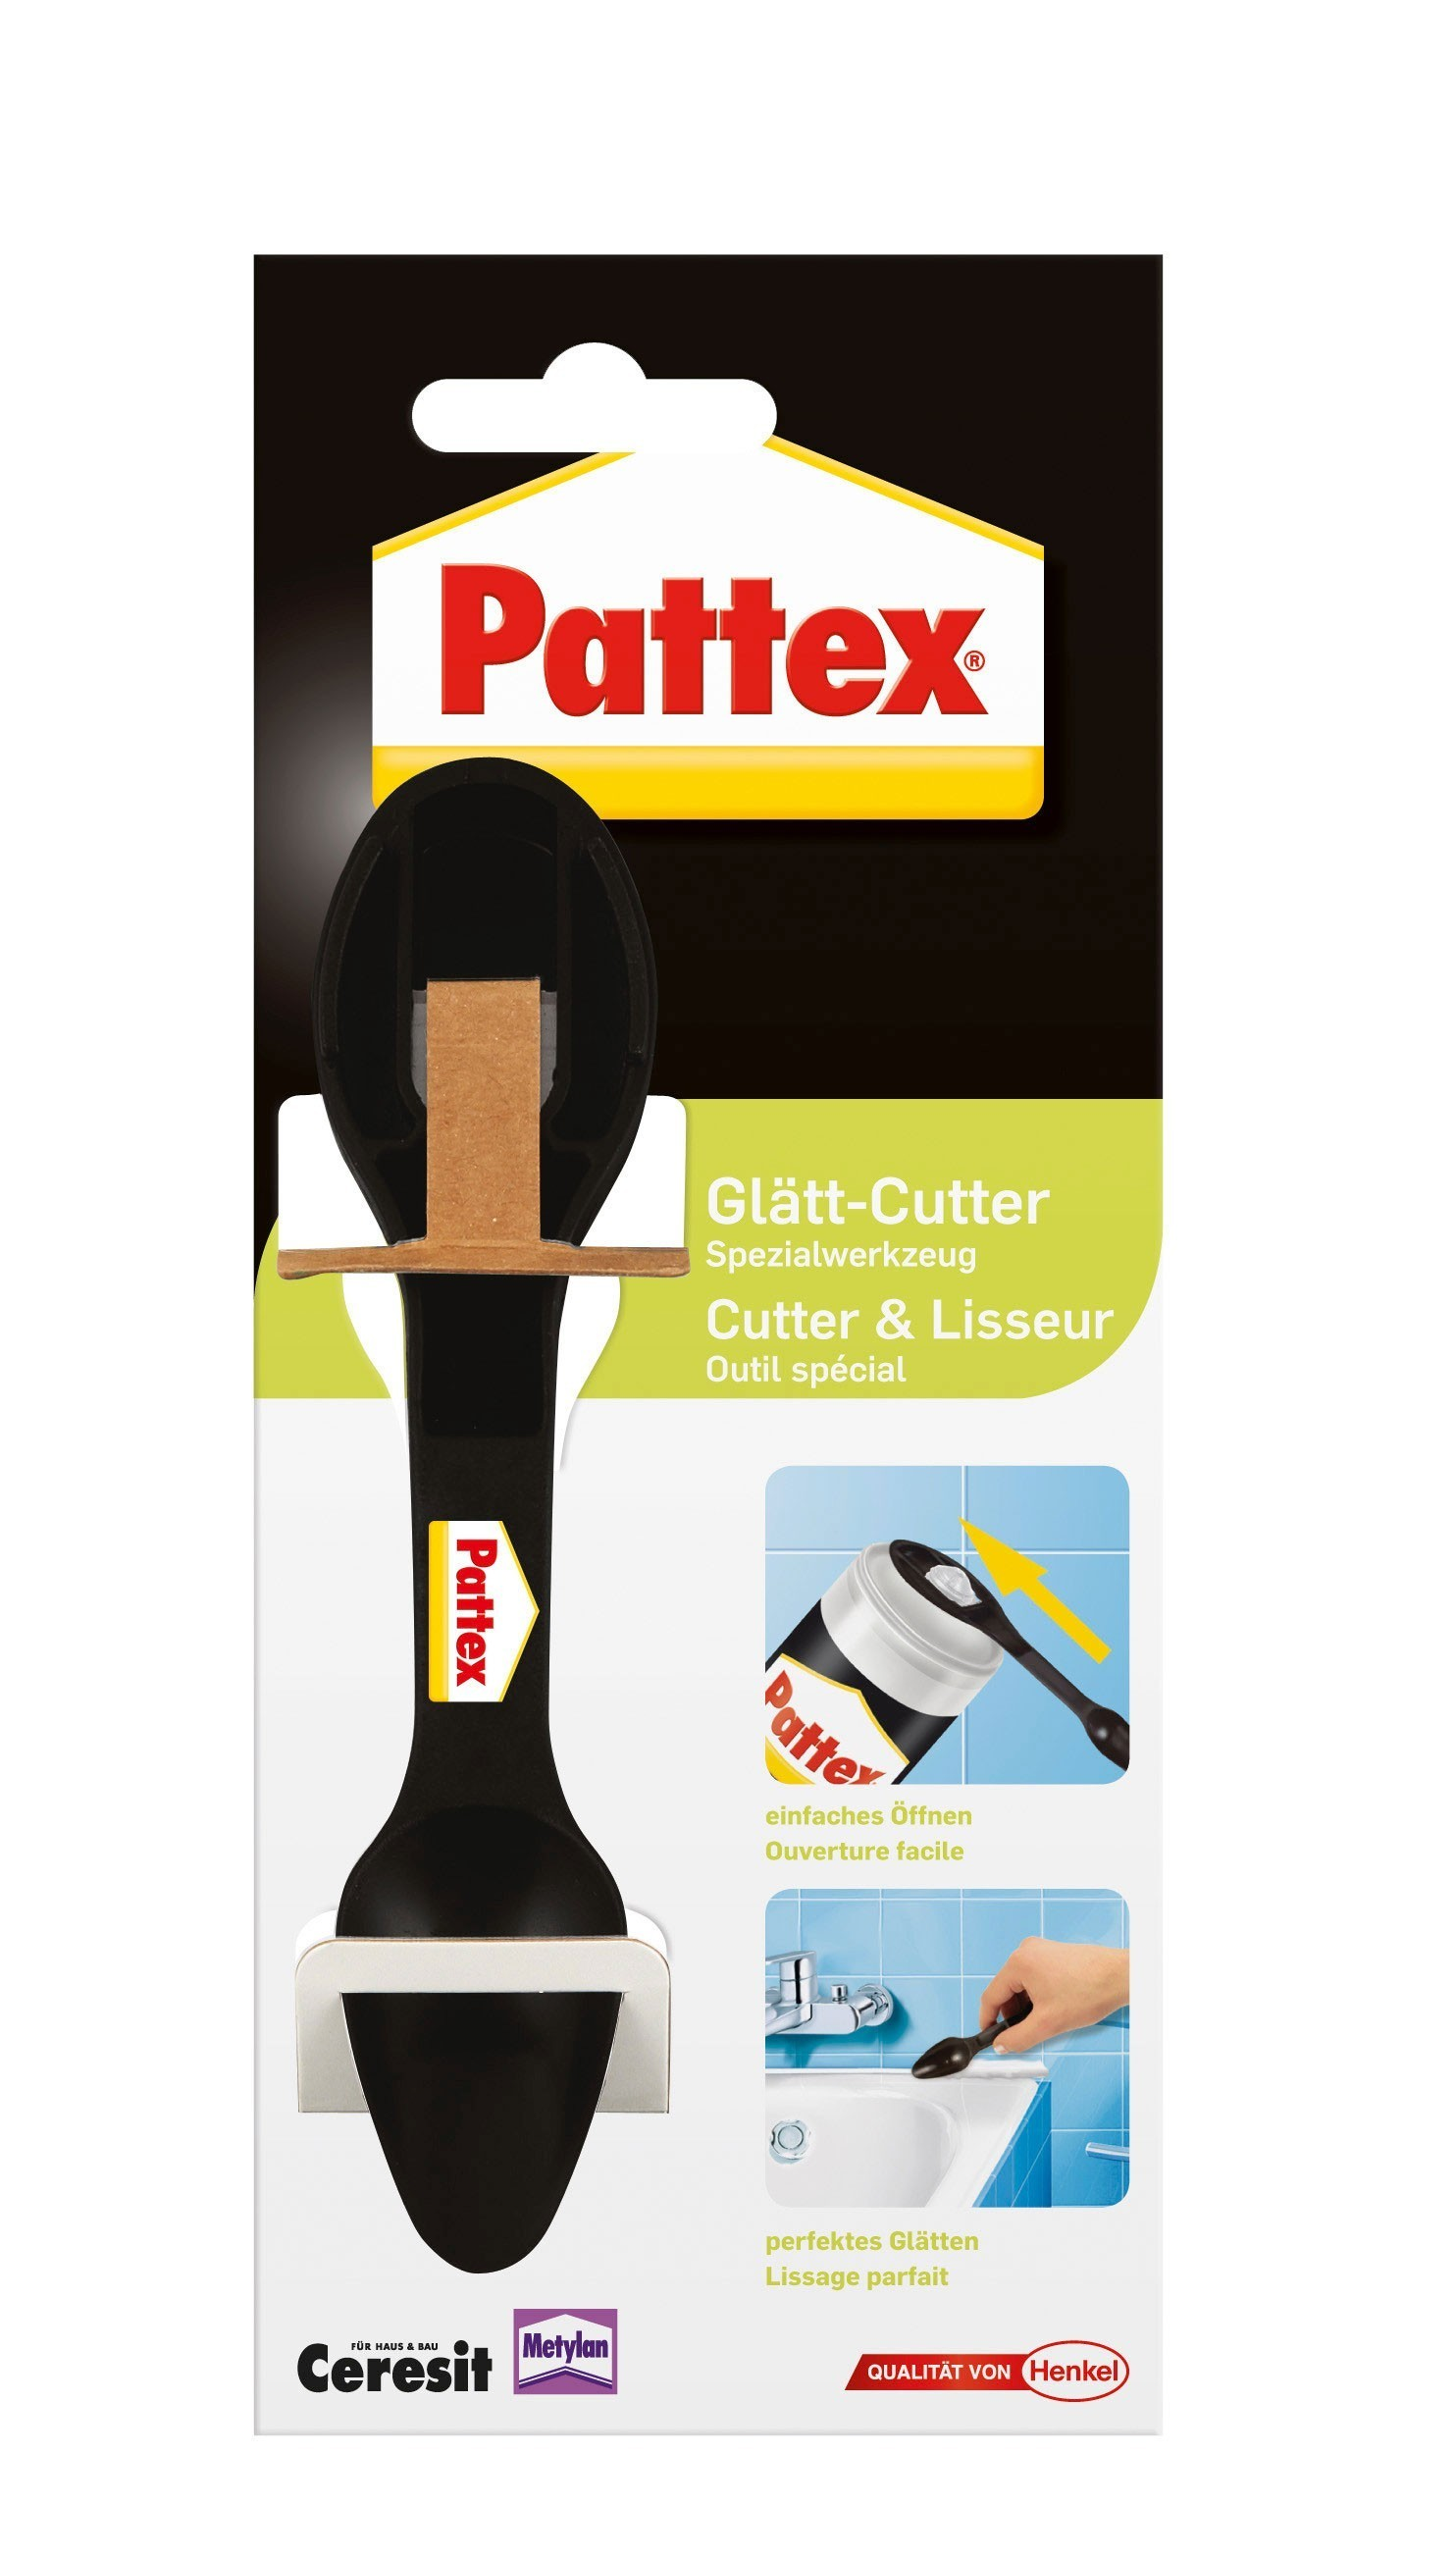 Pattex Werkzeuge / Glätt-Cutter 1 Stück Bild 1